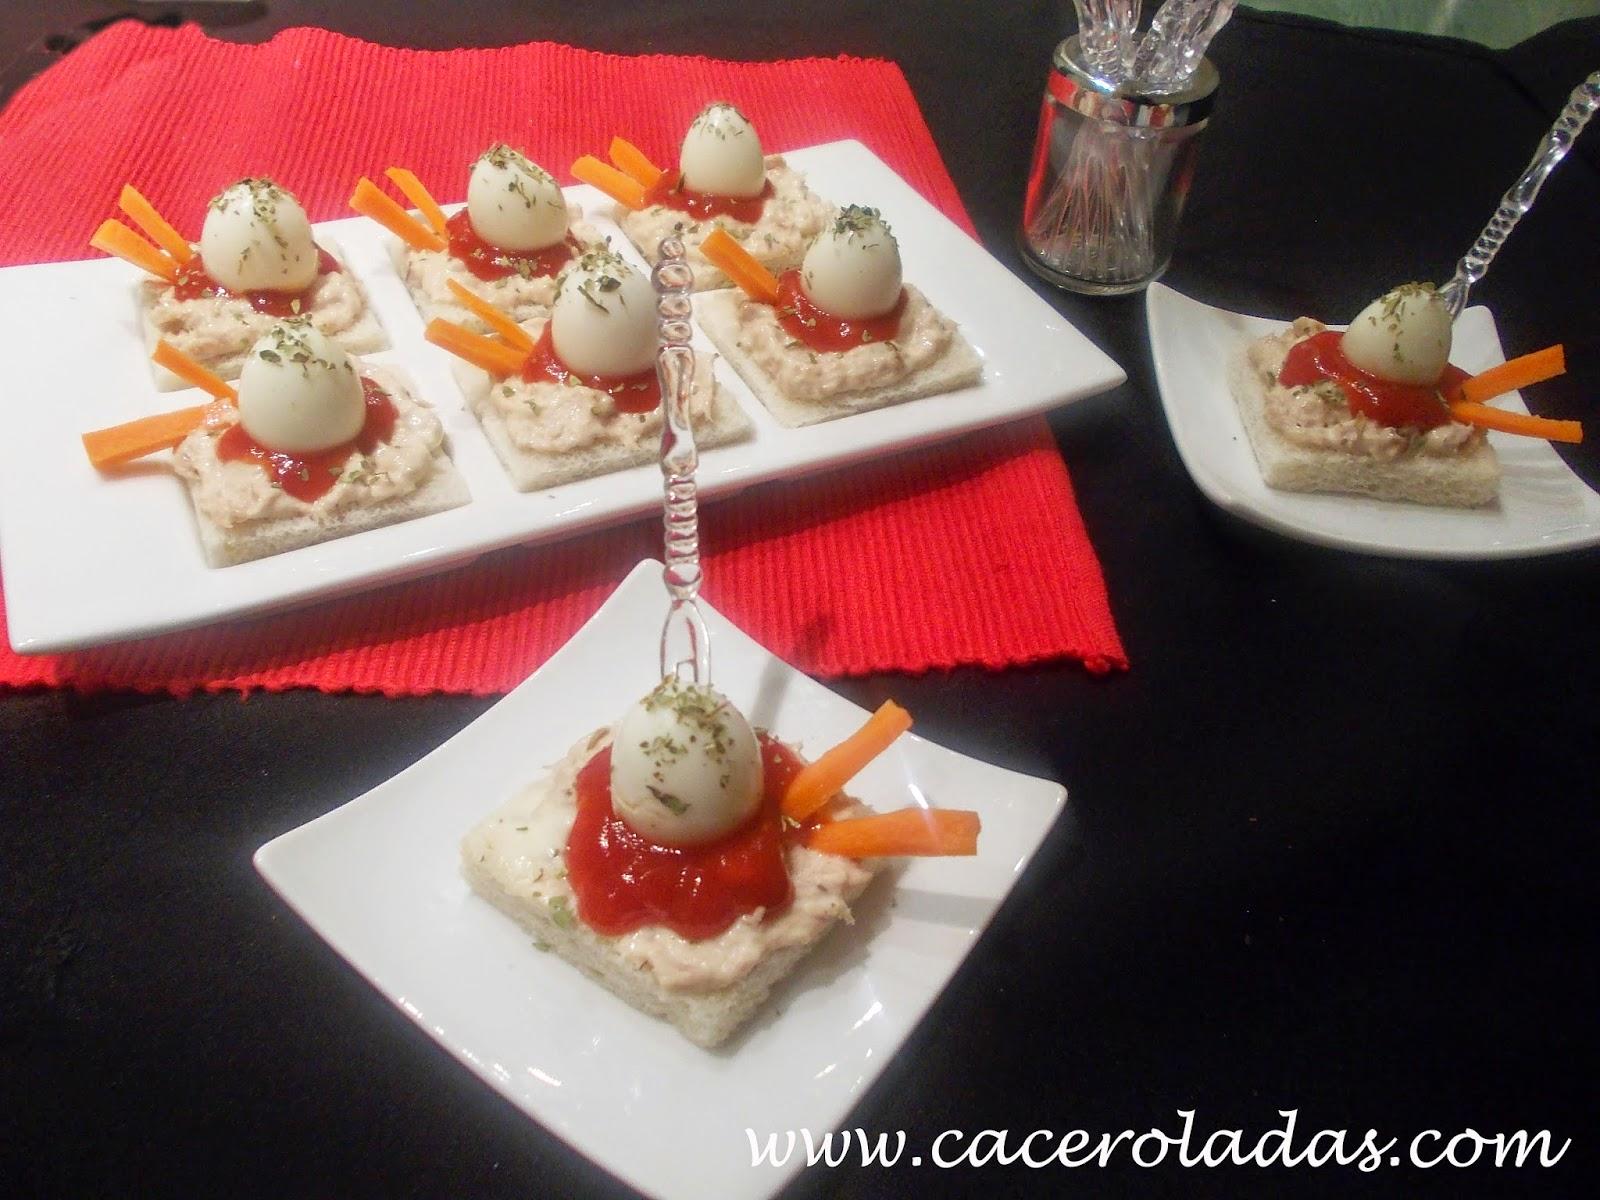 La Receta Que Os Traigo Hoy Es Perfecta Para Preparar Unos Deliciosos  Canapés Rápidos Y Fáciles Con Huevos De Codorniz.